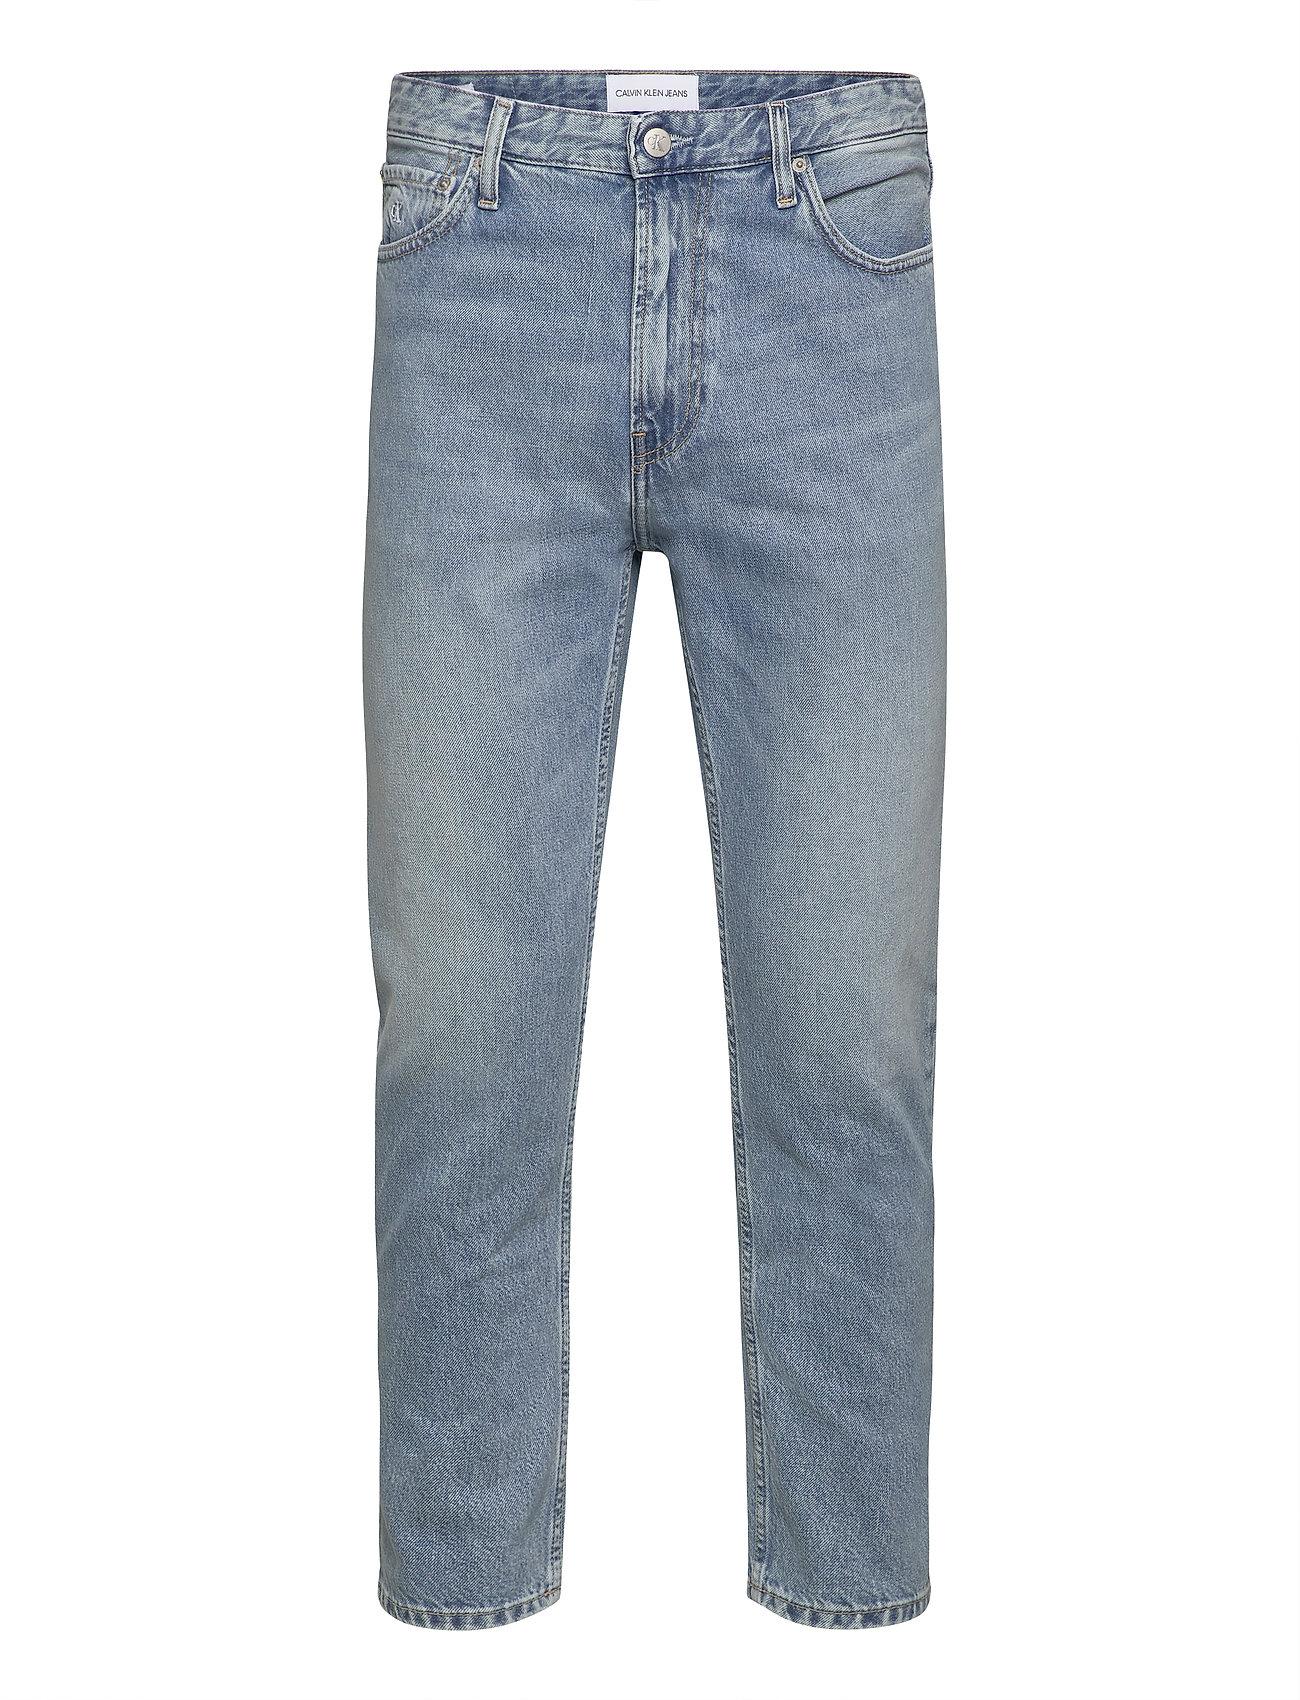 Image of Dad Jean Jeans Blå Calvin Klein Jeans (3428003935)